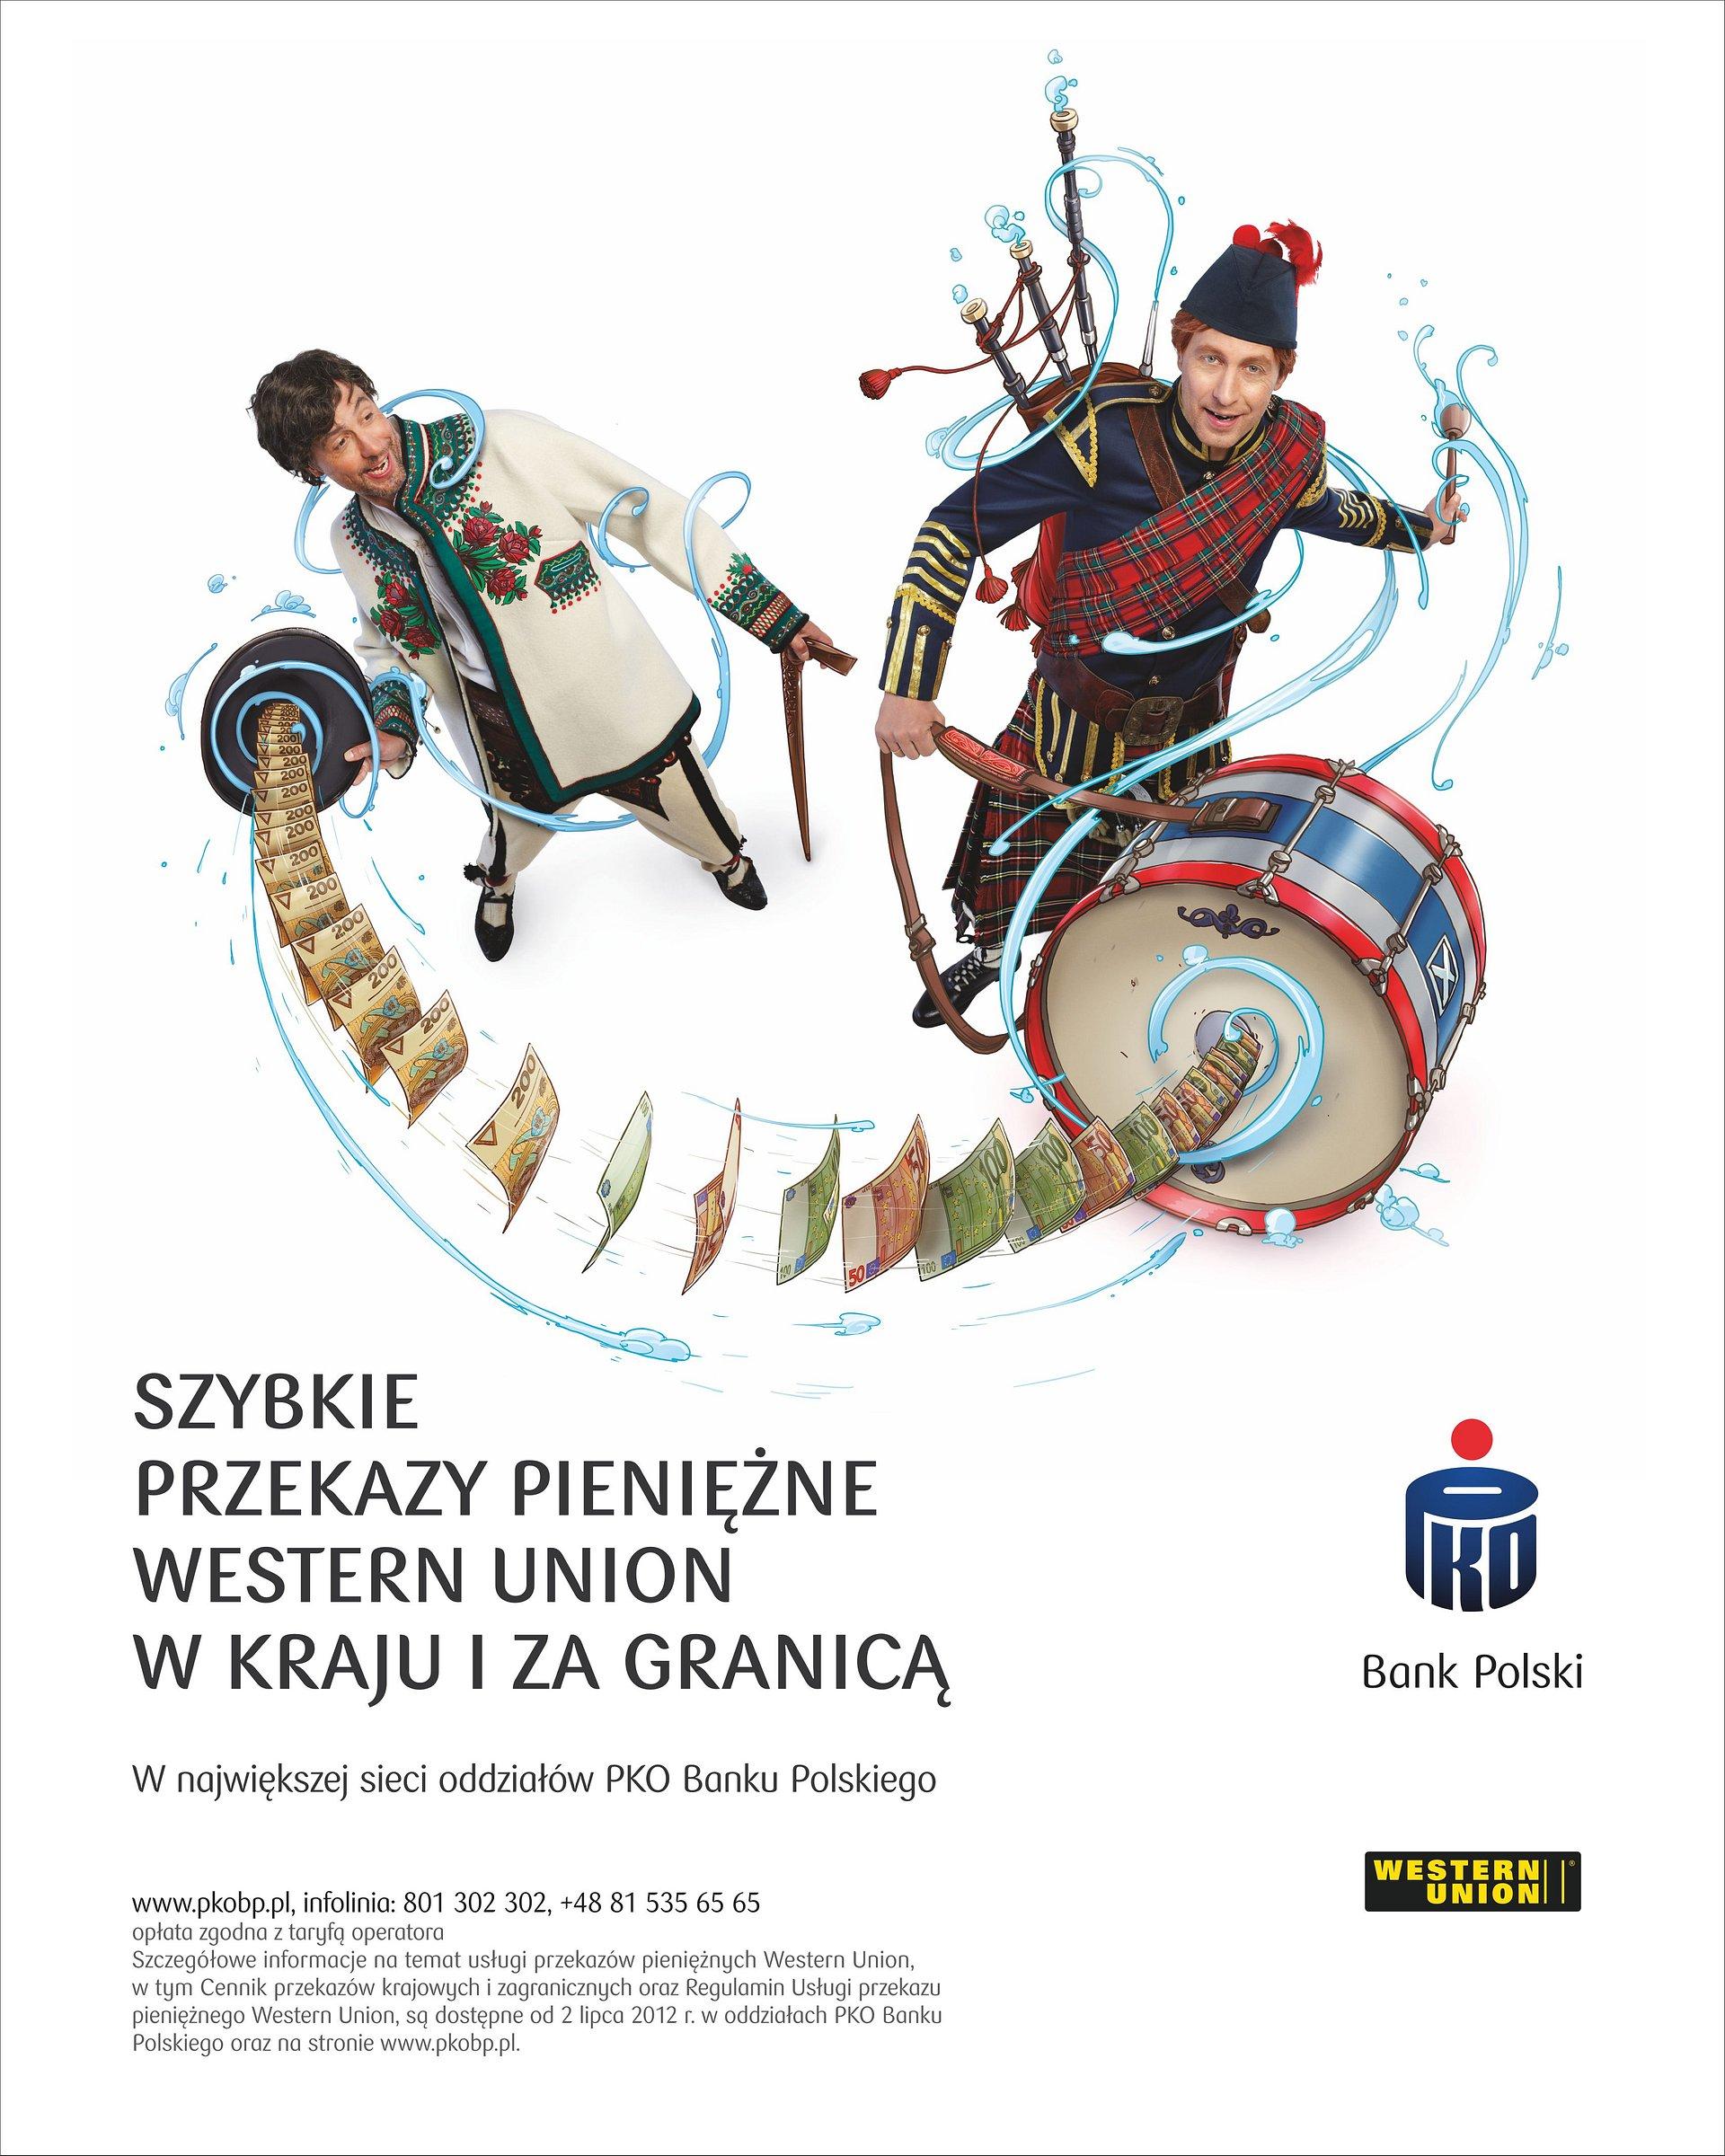 PKO Bank Polski i Western Union wprowadzają na rynek usługę przekazów pieniężnych, realizowanych w bankowości internetowej